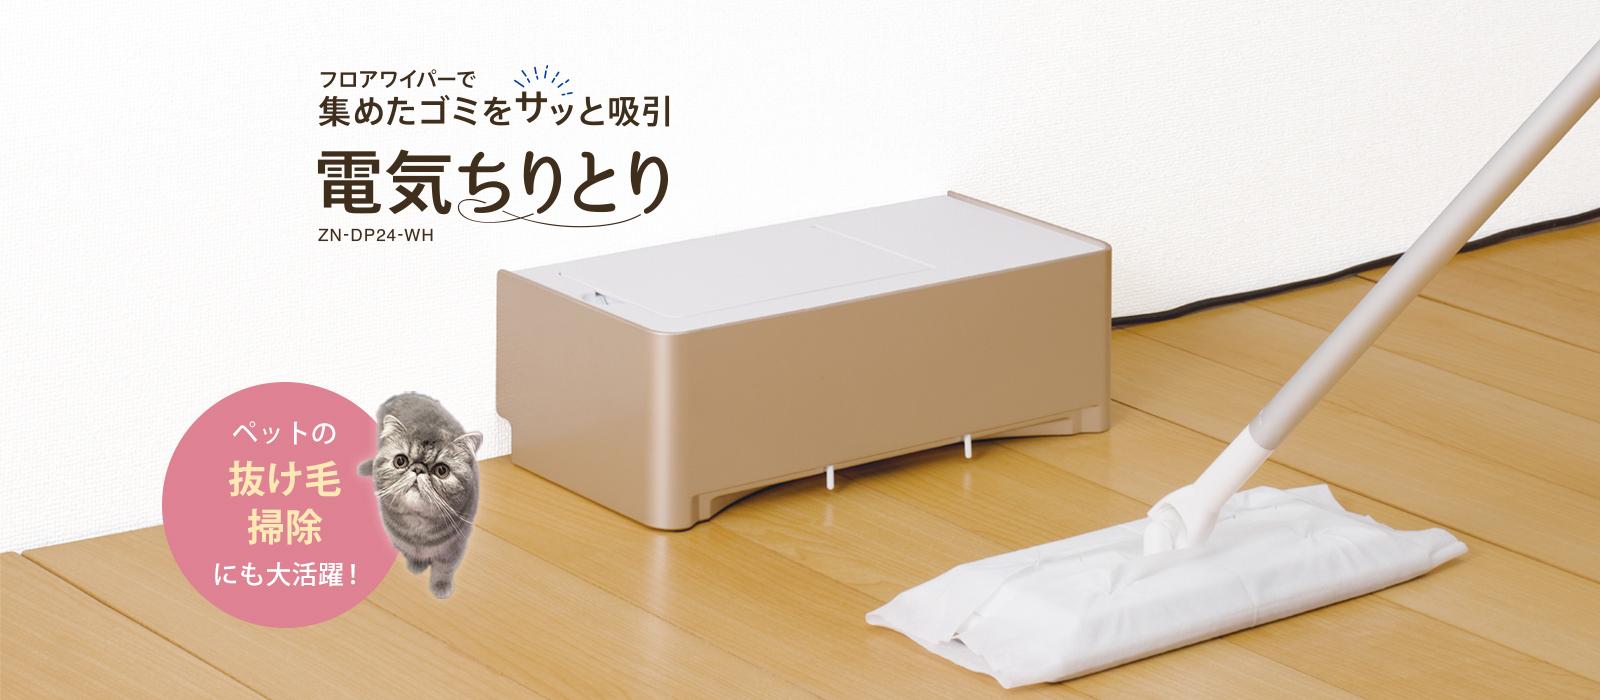 【電気ちりとり】電気ちりとり[ZN-DP24]|株式会社シー・シー・ピー